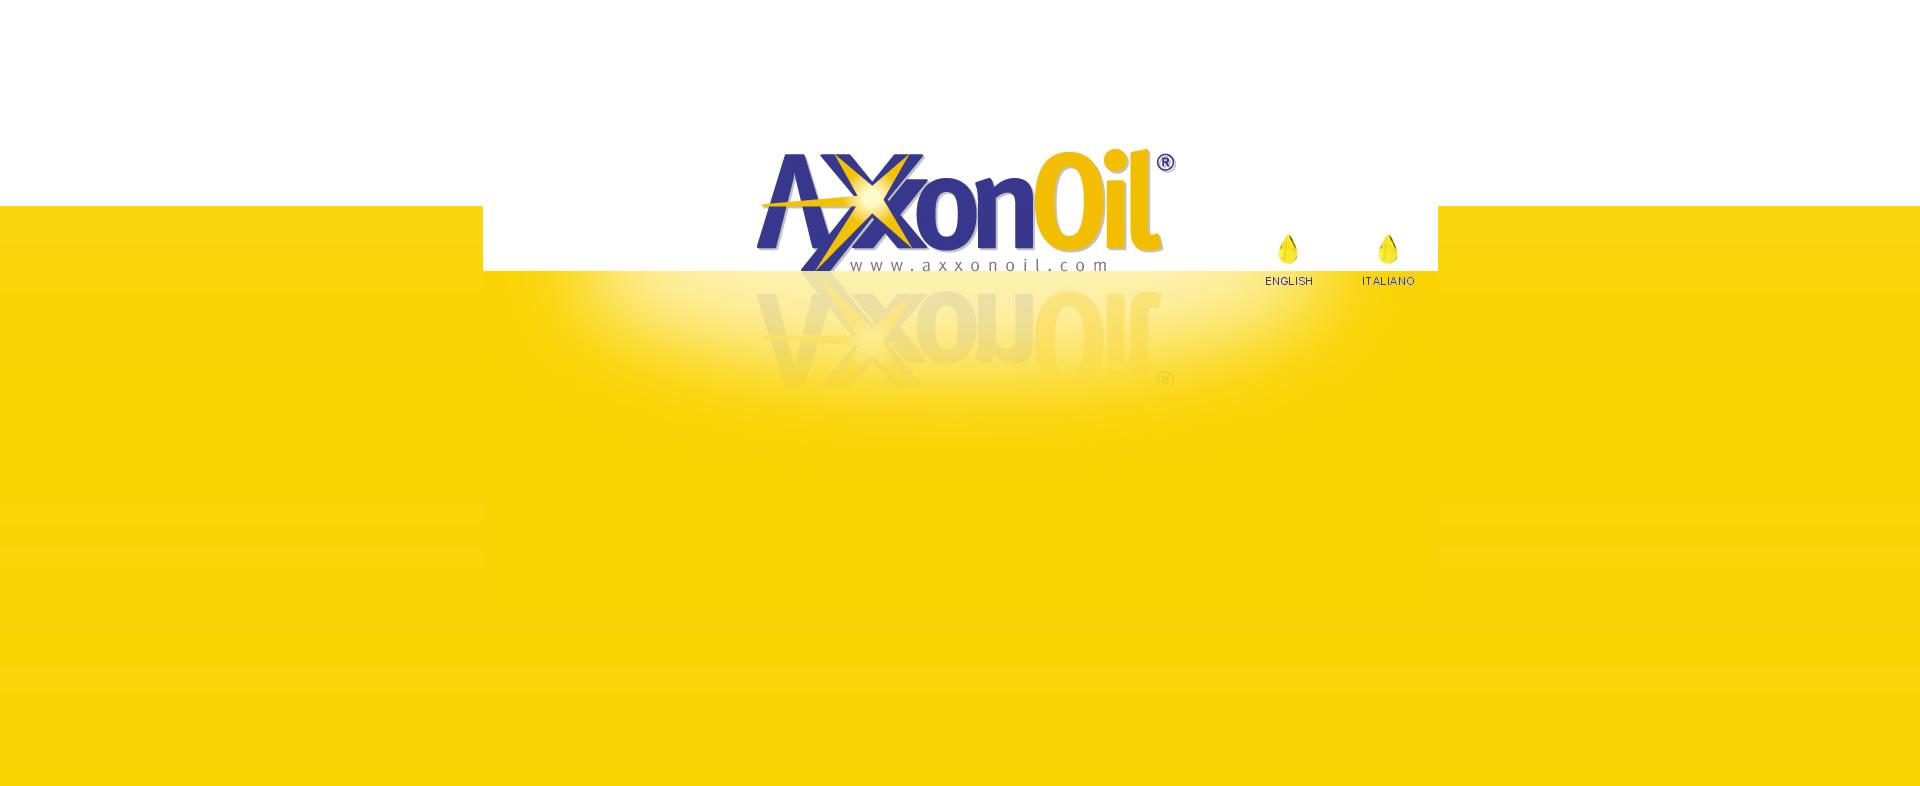 restyling grafico axxonoil agenzia digitale roma